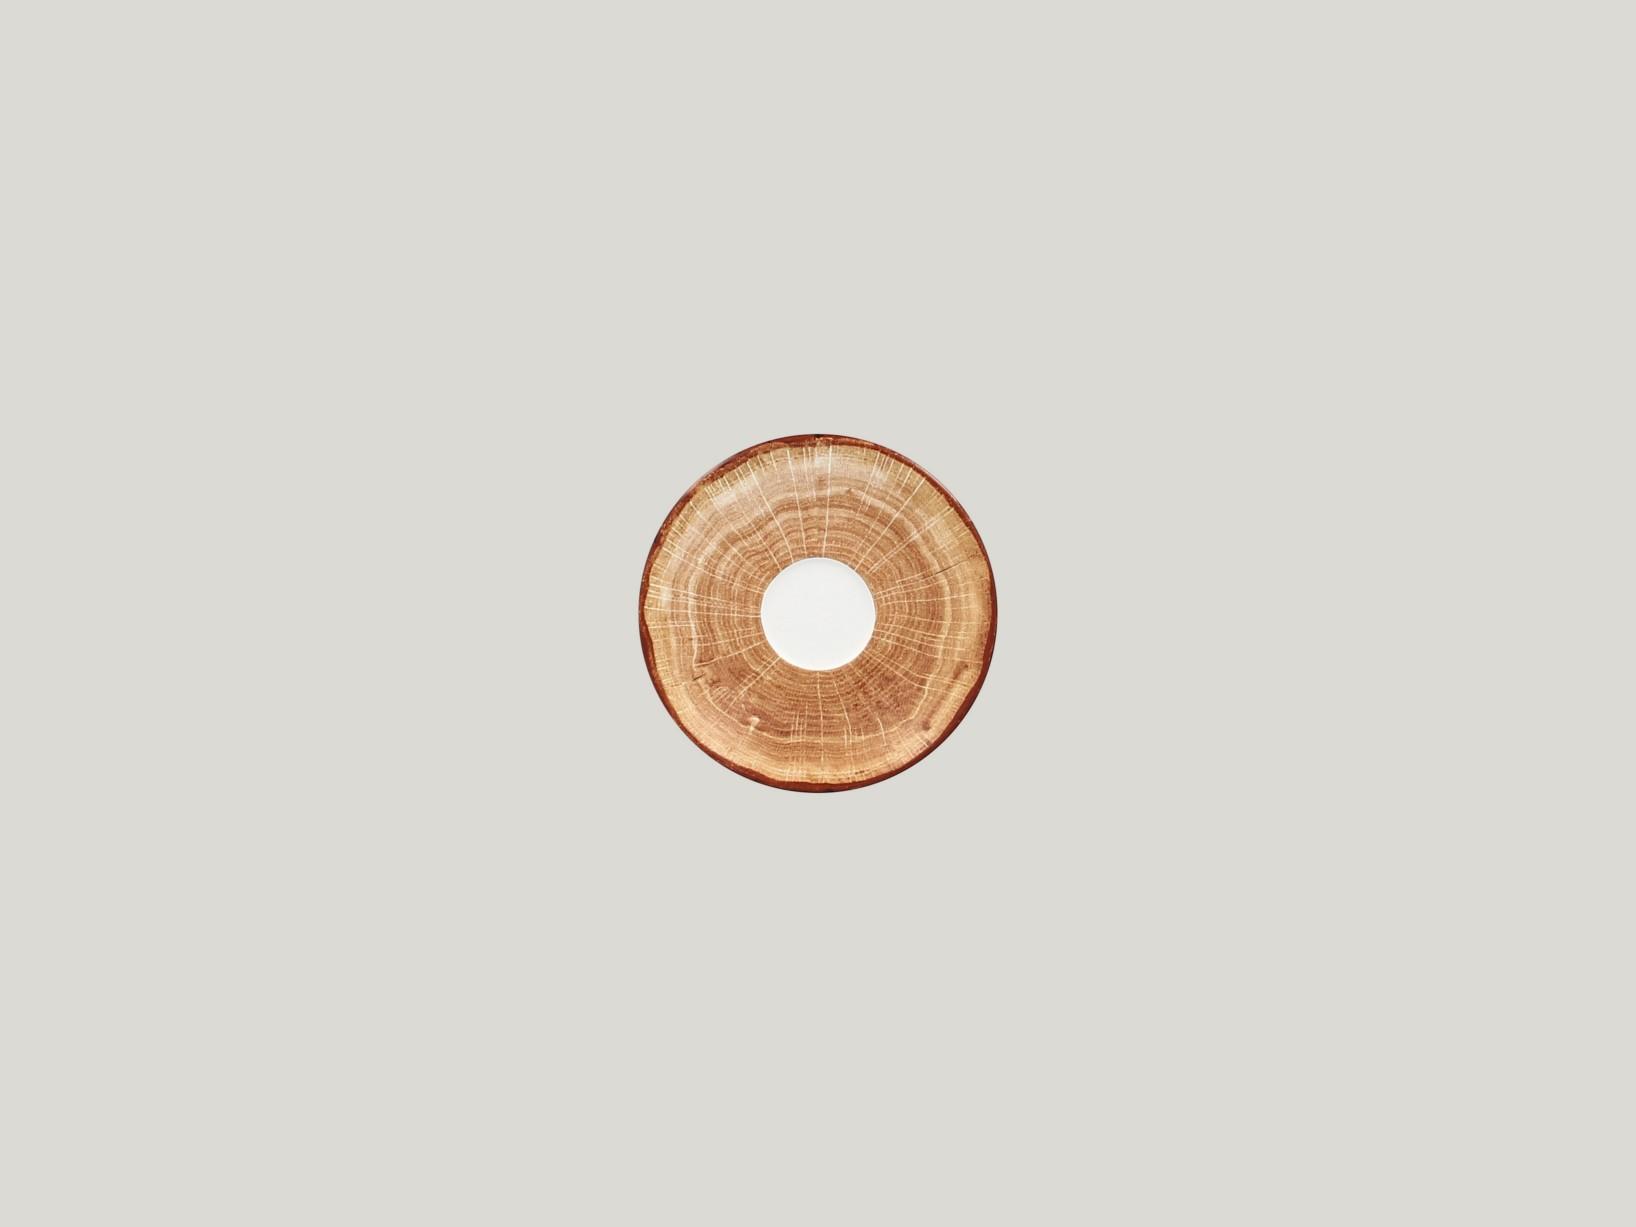 Podšálek pro šálek na espresso CLCU09 – světle hnědá